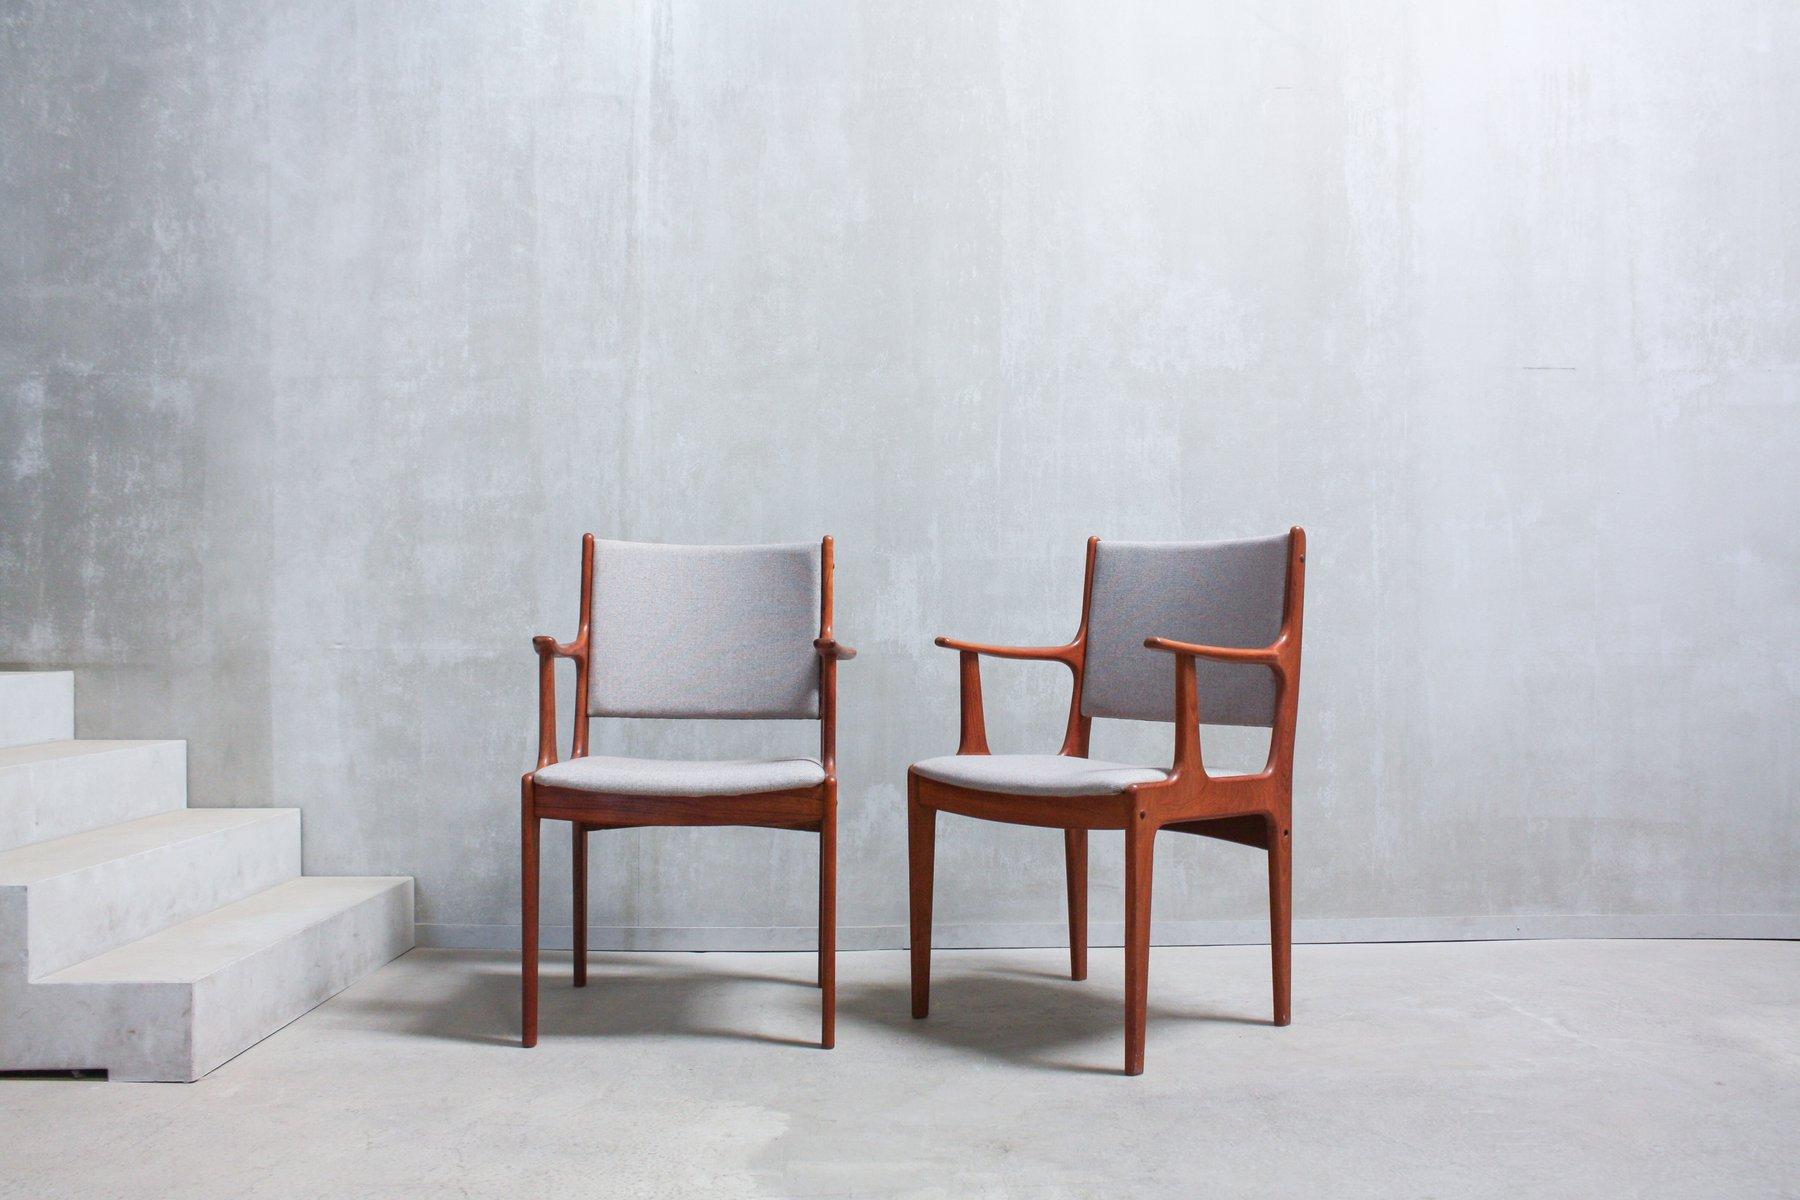 Sedie da pranzo di johannes andersen per uldum m belfabrik for Sedie design anni 20